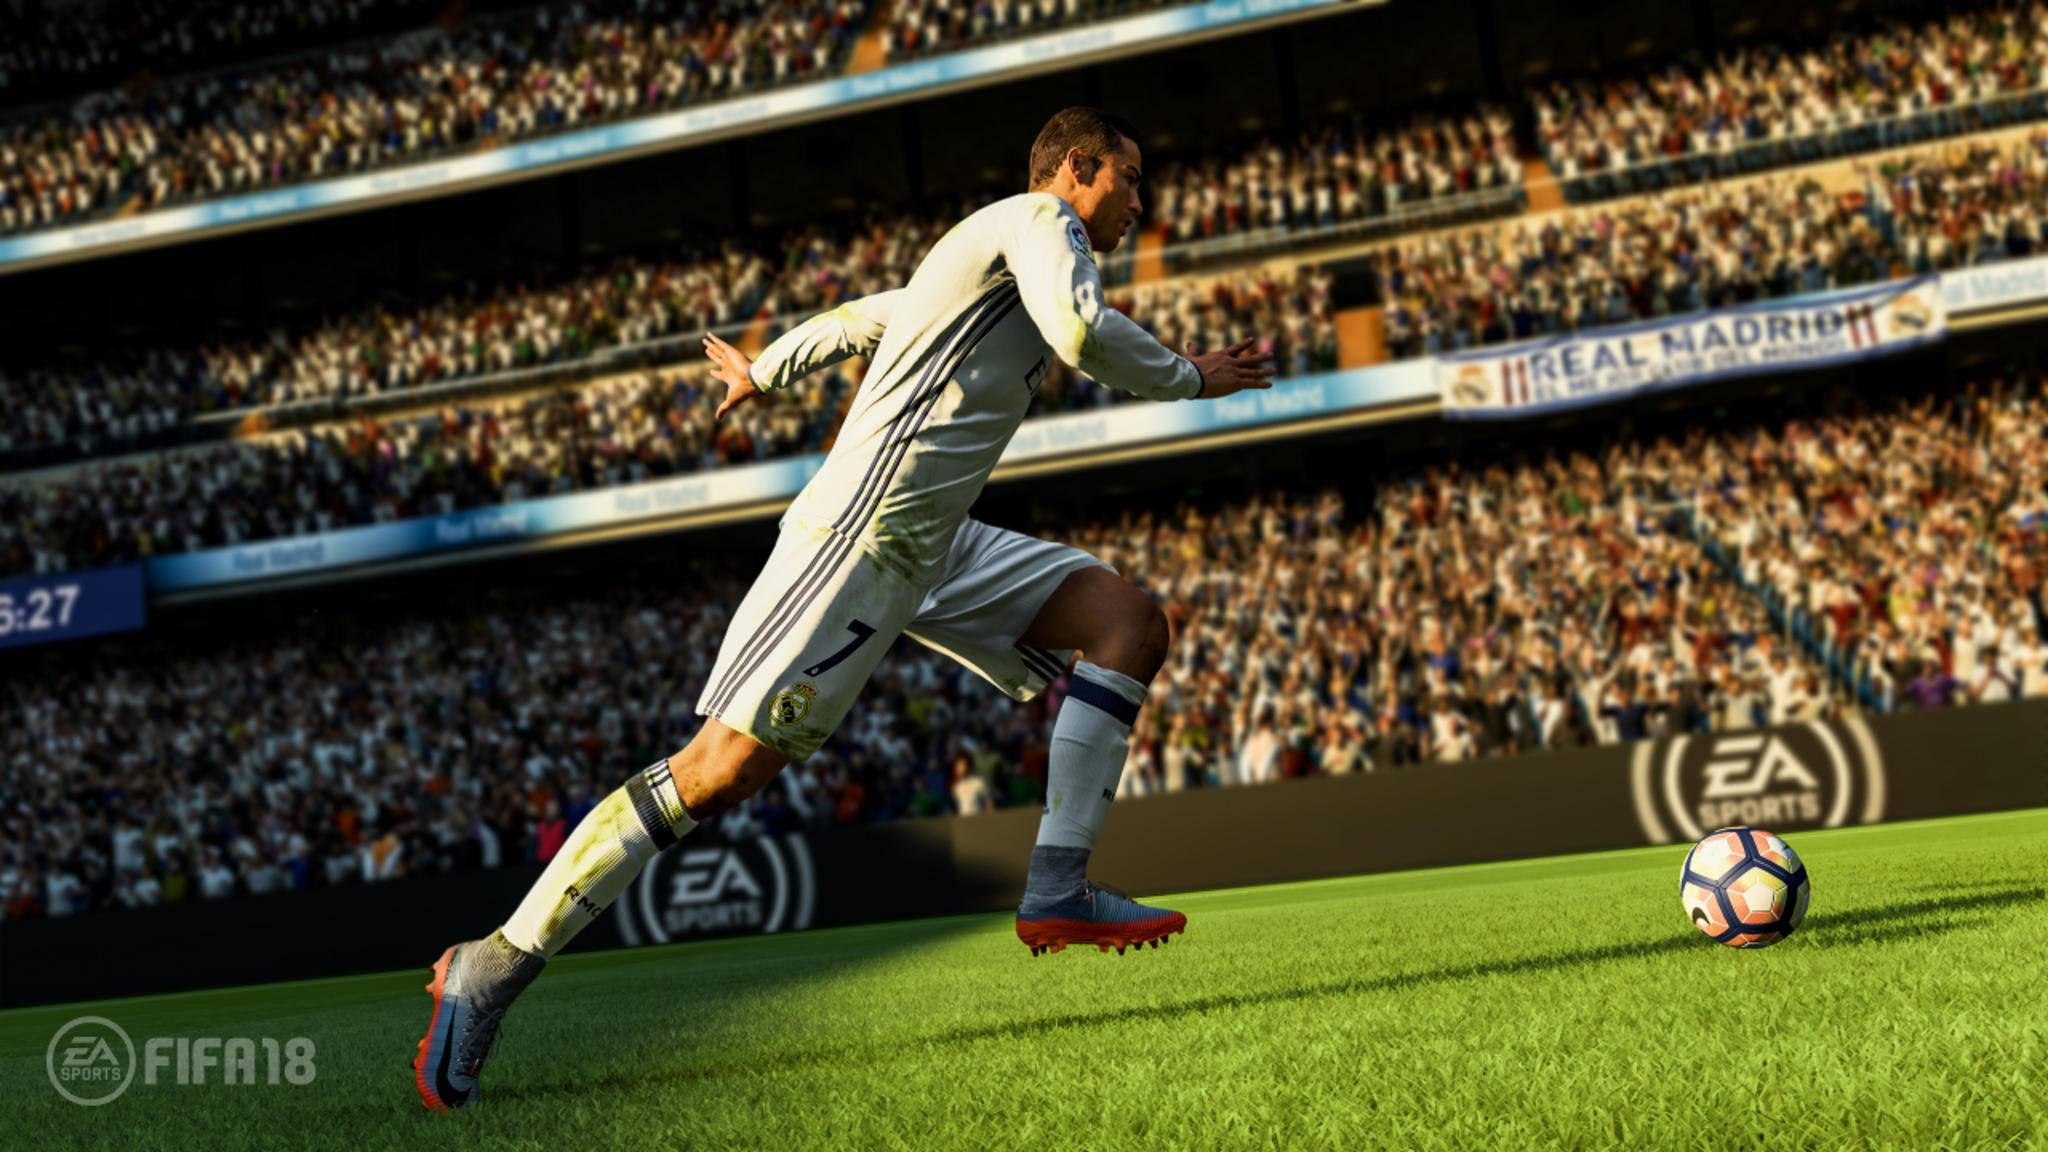 """""""FIFA 18"""" bringt einige Neuerungen mit."""